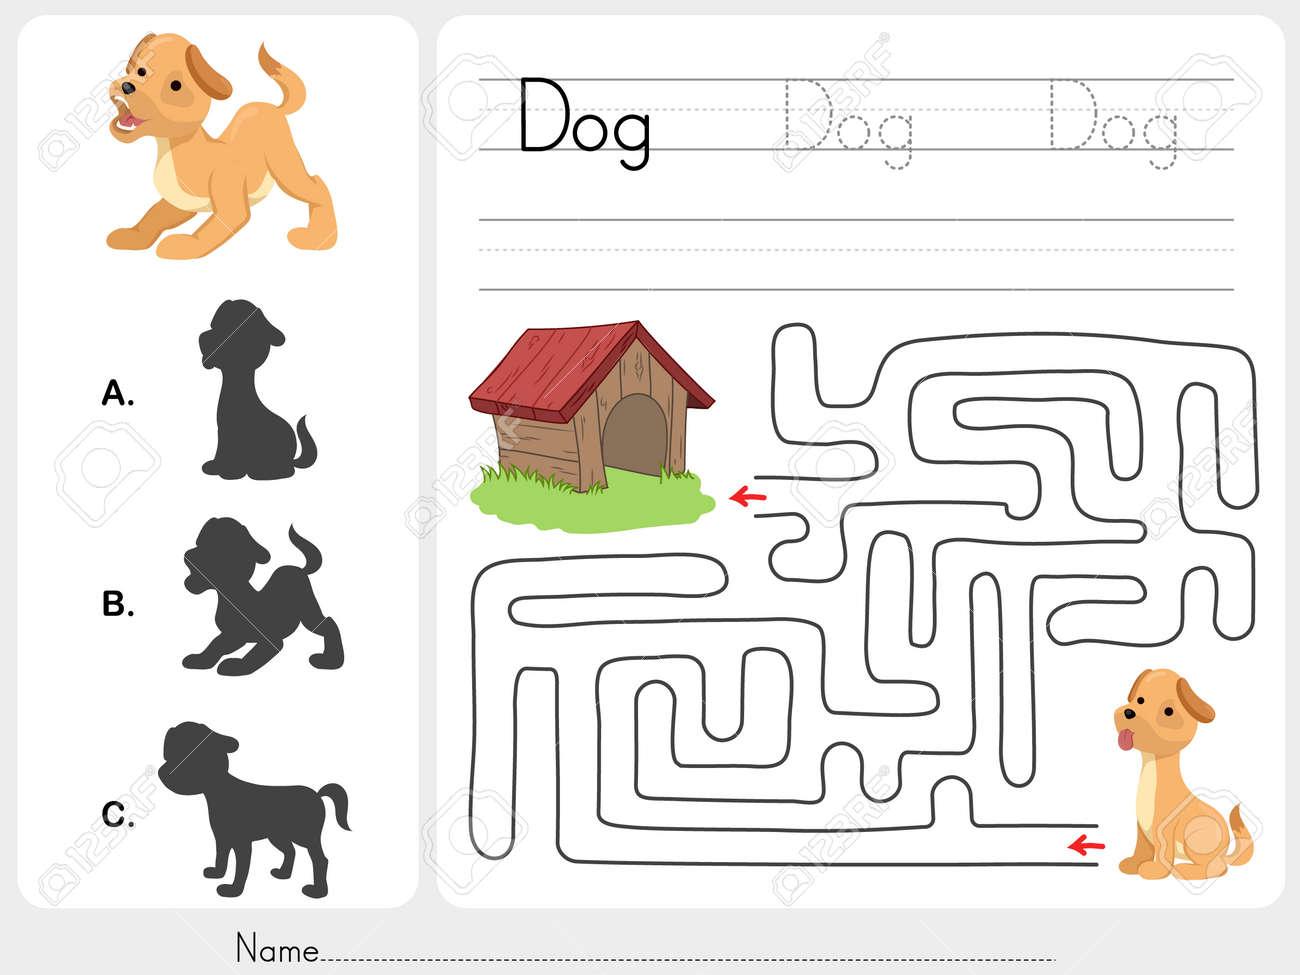 Maze Spiel Und Spiel Hund Mit Schatten - Arbeitsblatt Für Die ...